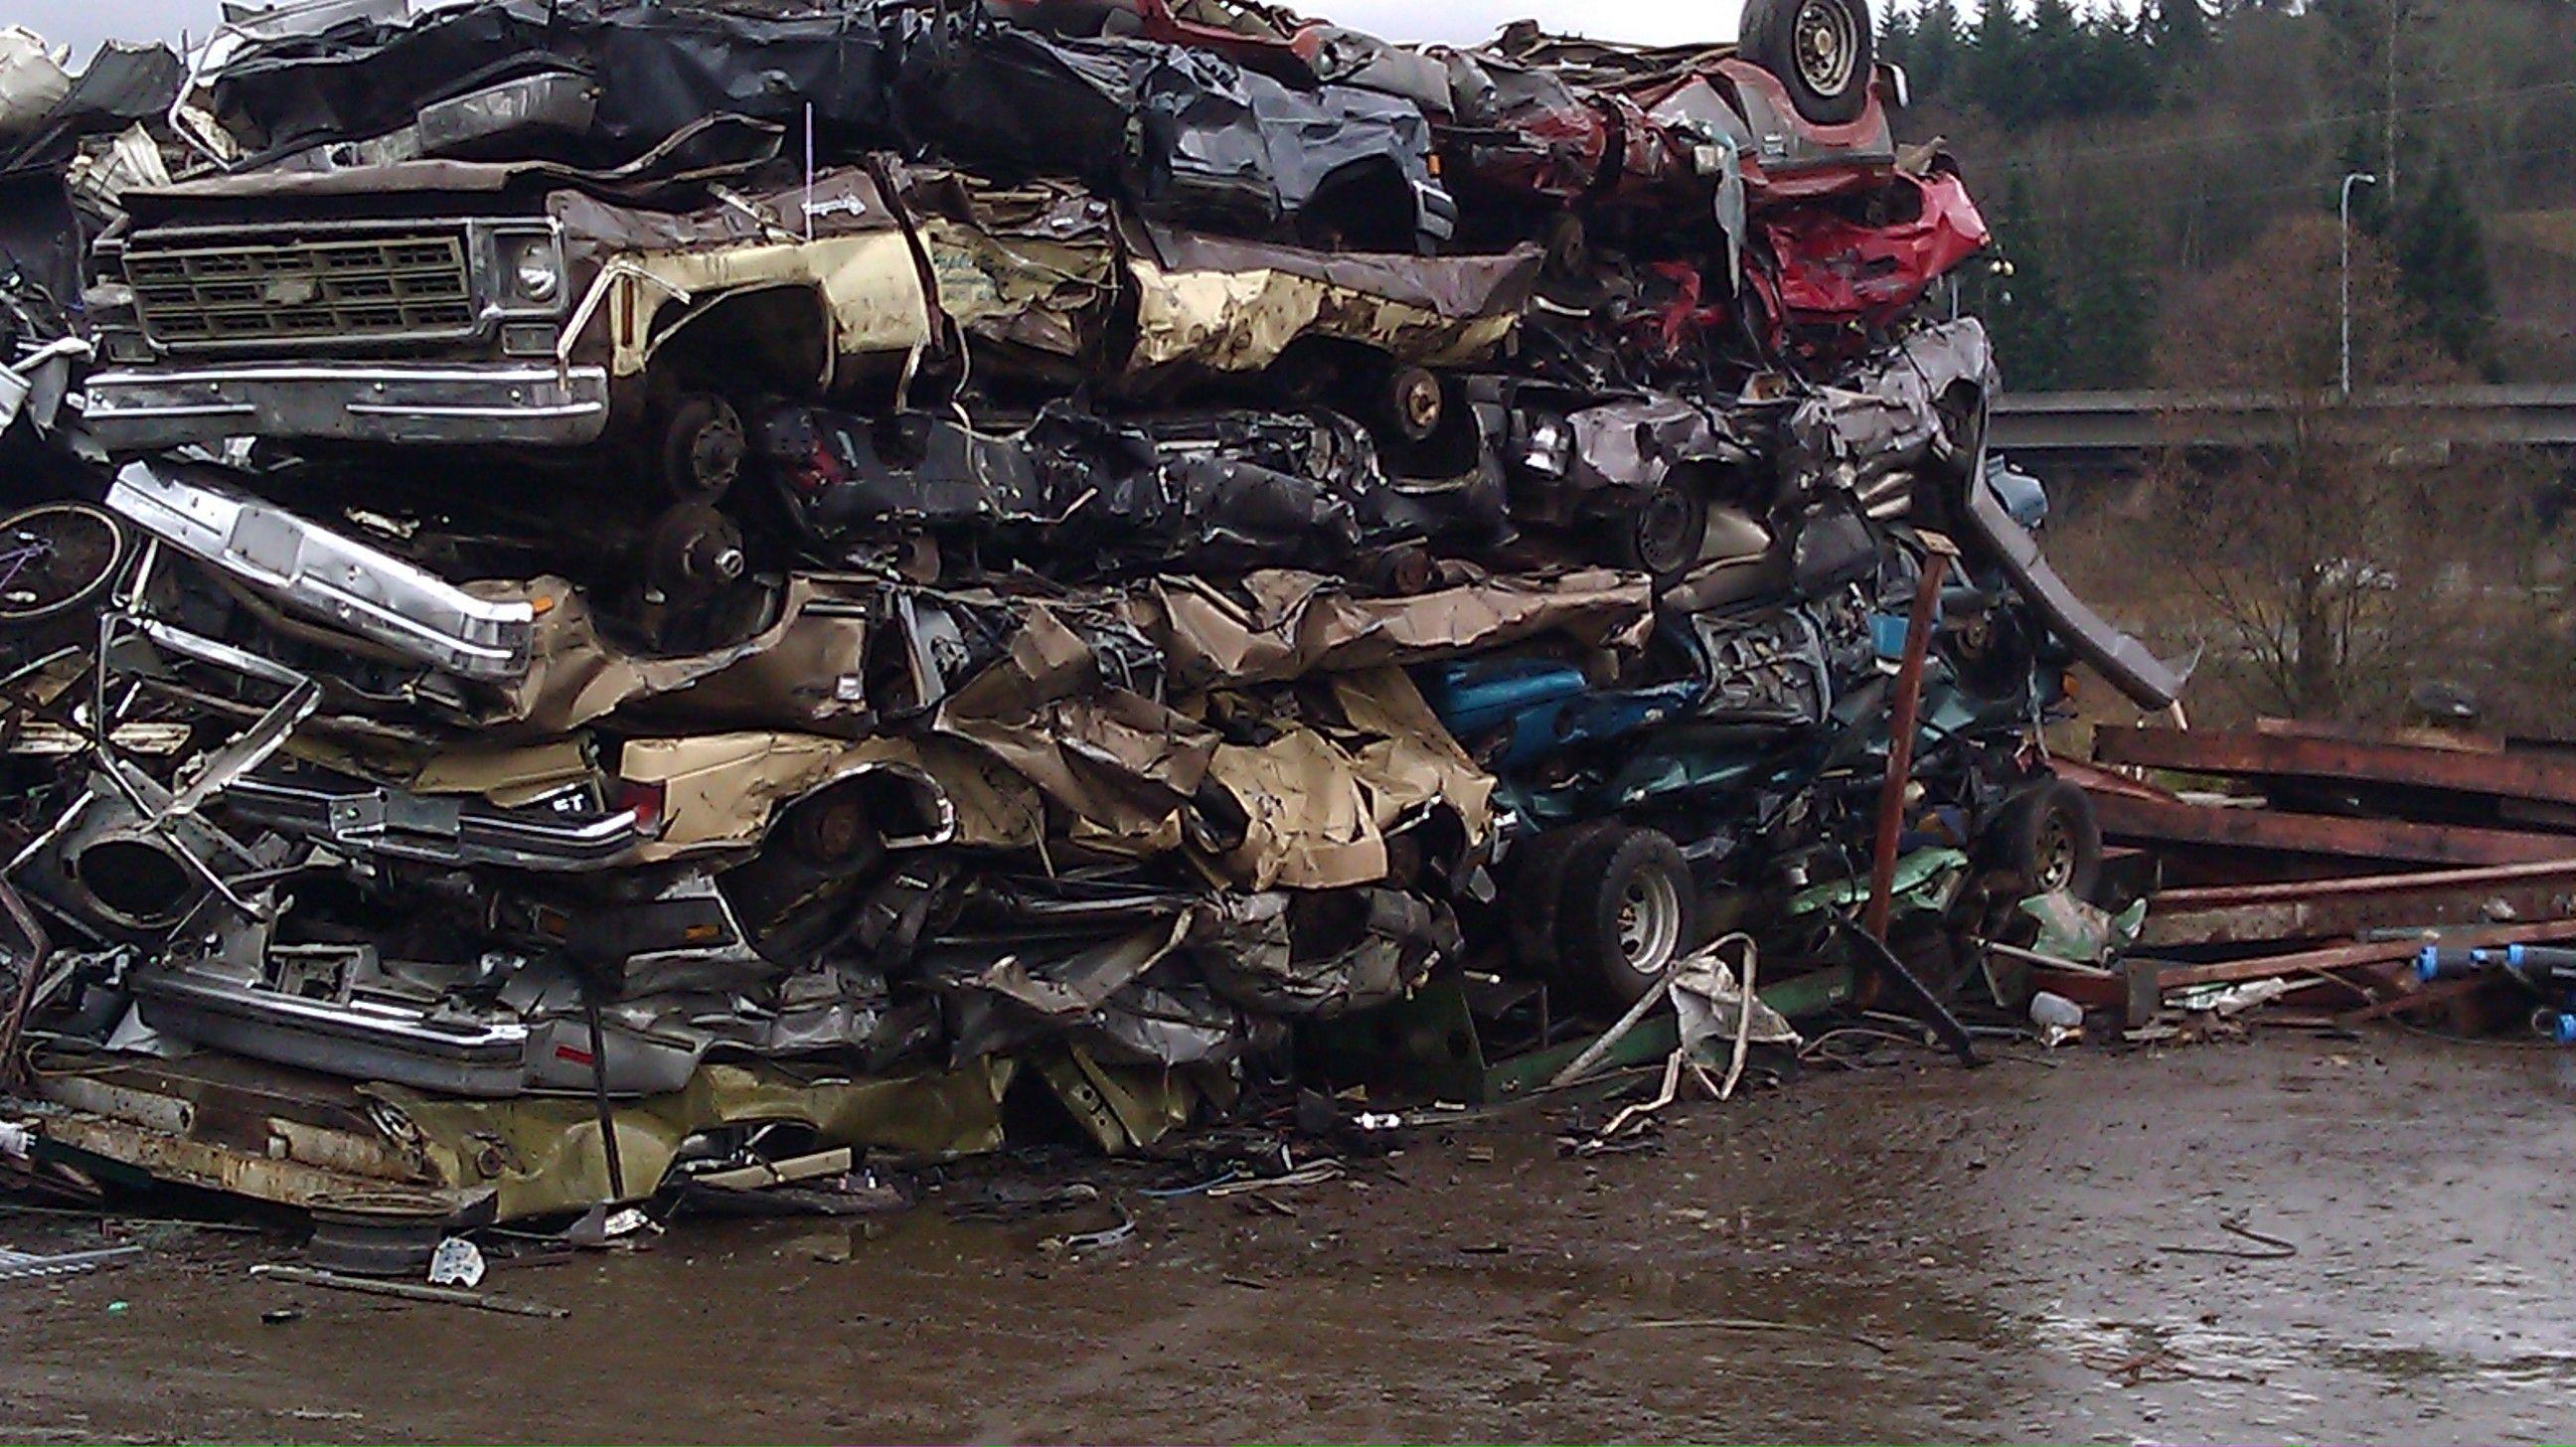 brampton scrap yard in 2020 Free towing, Scrap car, Brampton